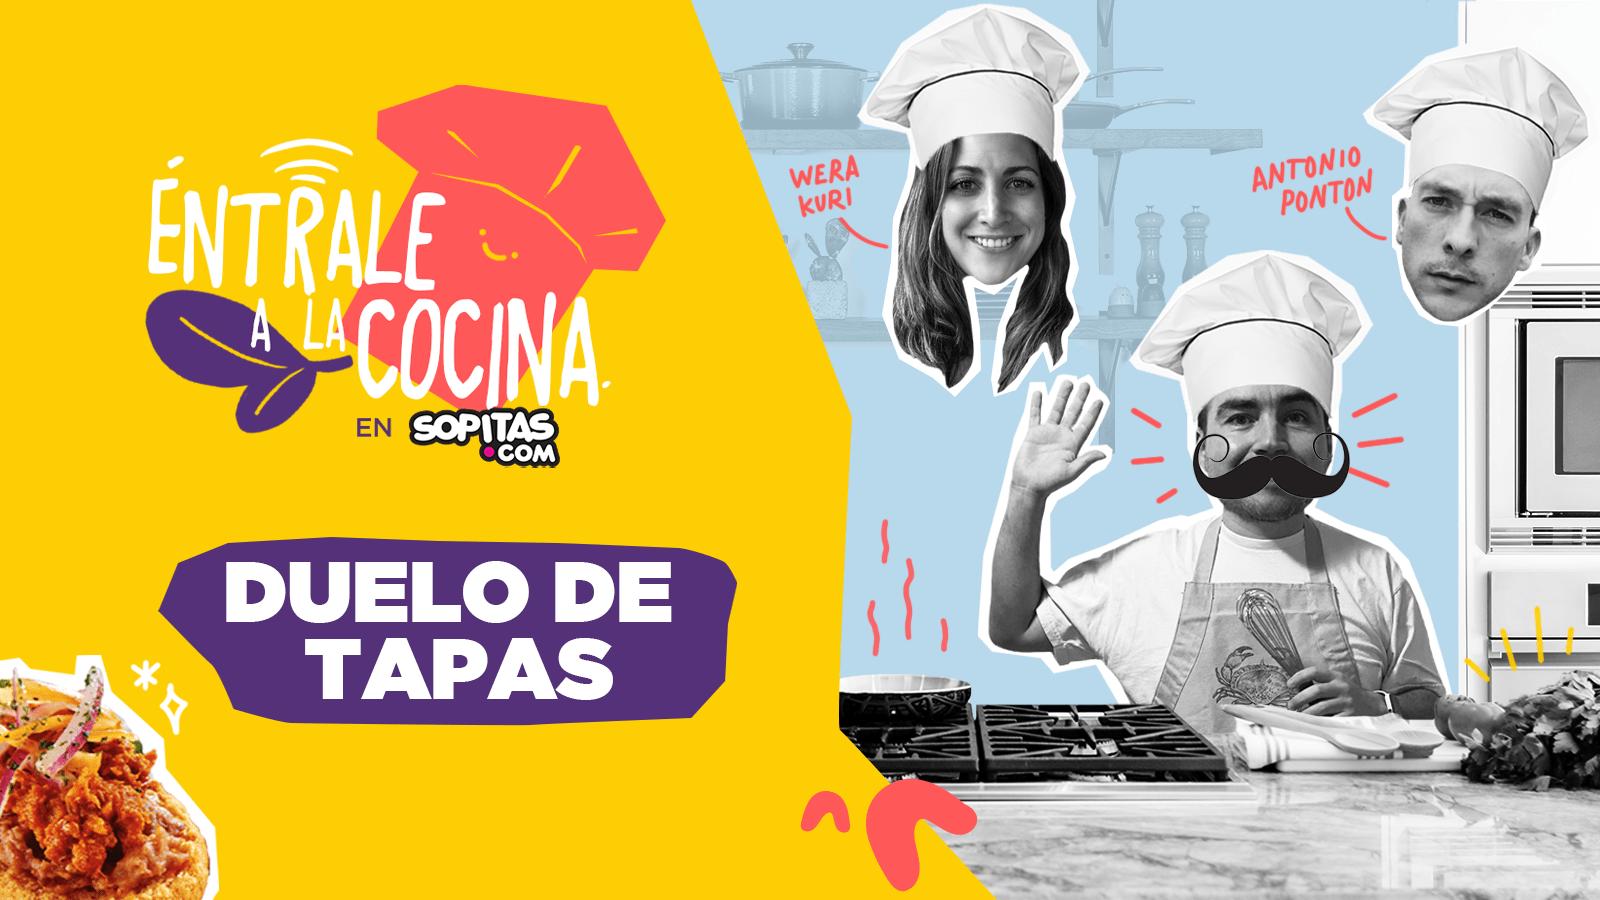 Destacada entrale a la cocina sopitas wera kuri ponton tapas españolas